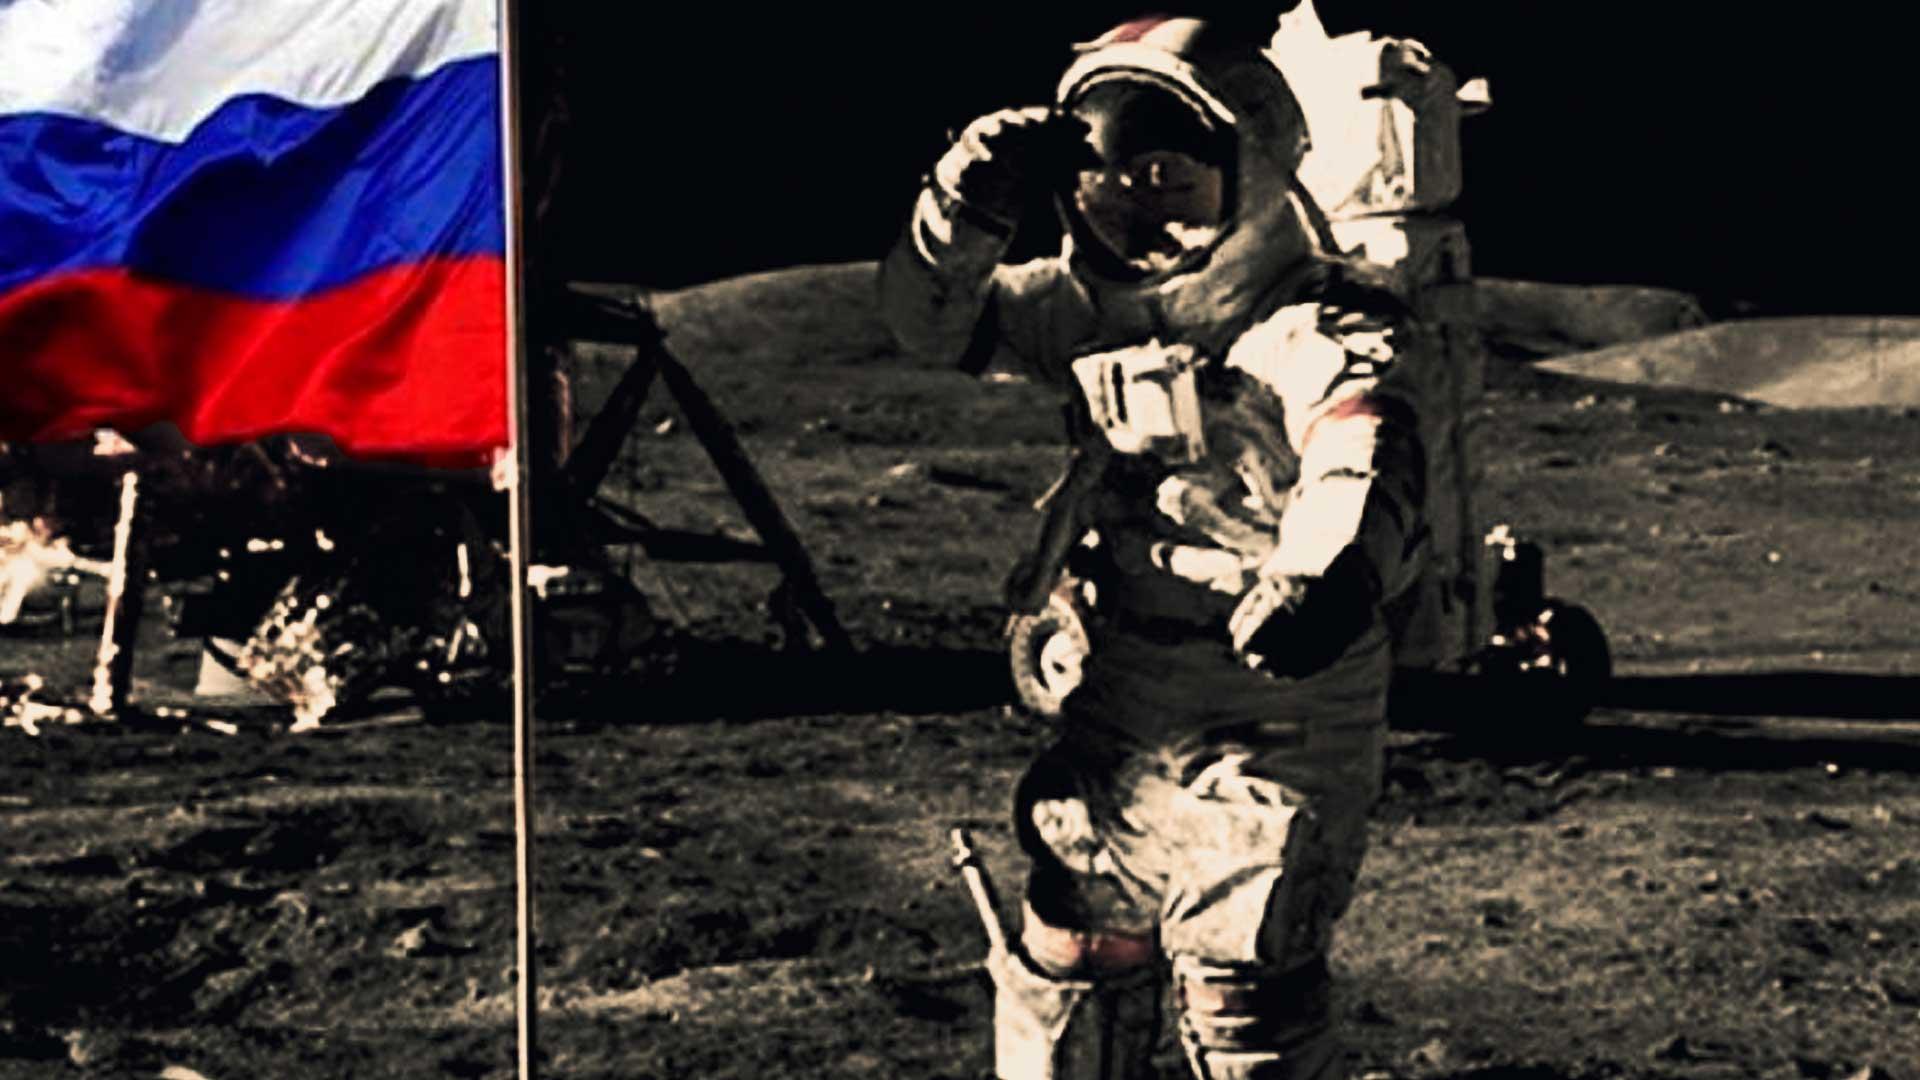 Jefe de Agencia Espacial Rusa quiere demostrar el Alunizaje por parte de los Estados Unidos